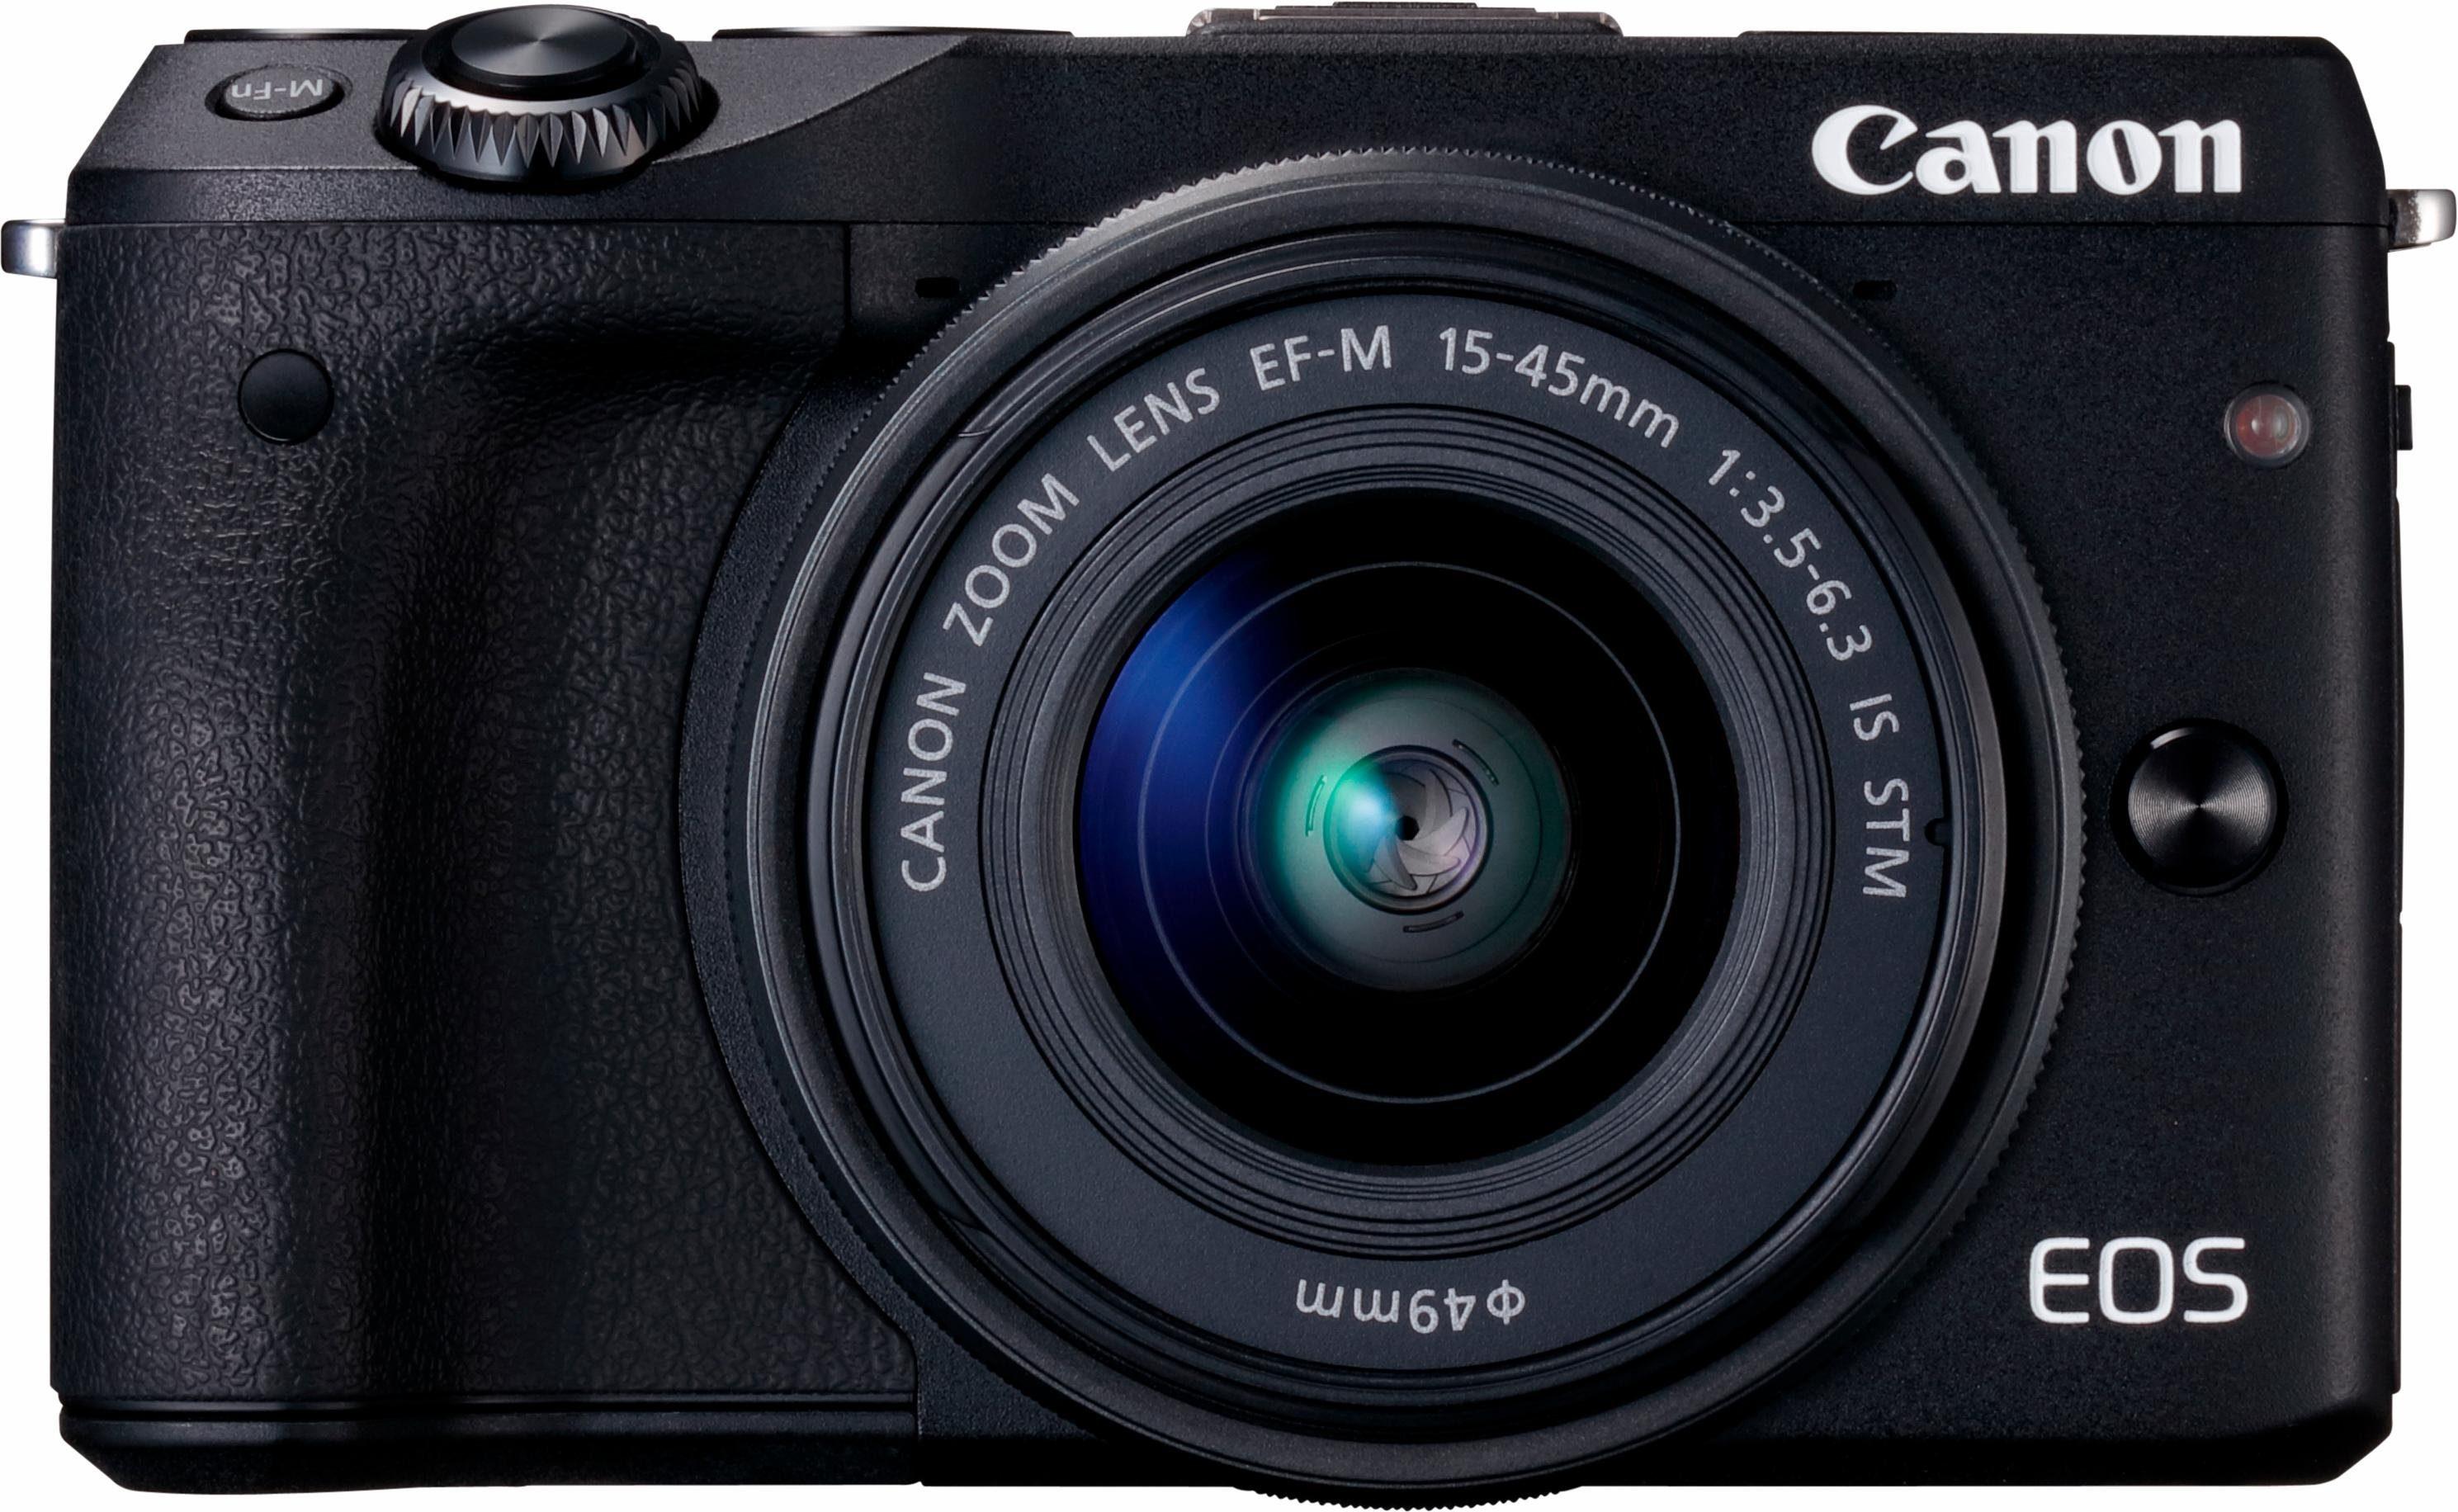 Canon EOS M3 Kit System Kamera, EF-M 15-45mm f/3,5-6,3 IS STM Zoom, 24,2 Megapixel